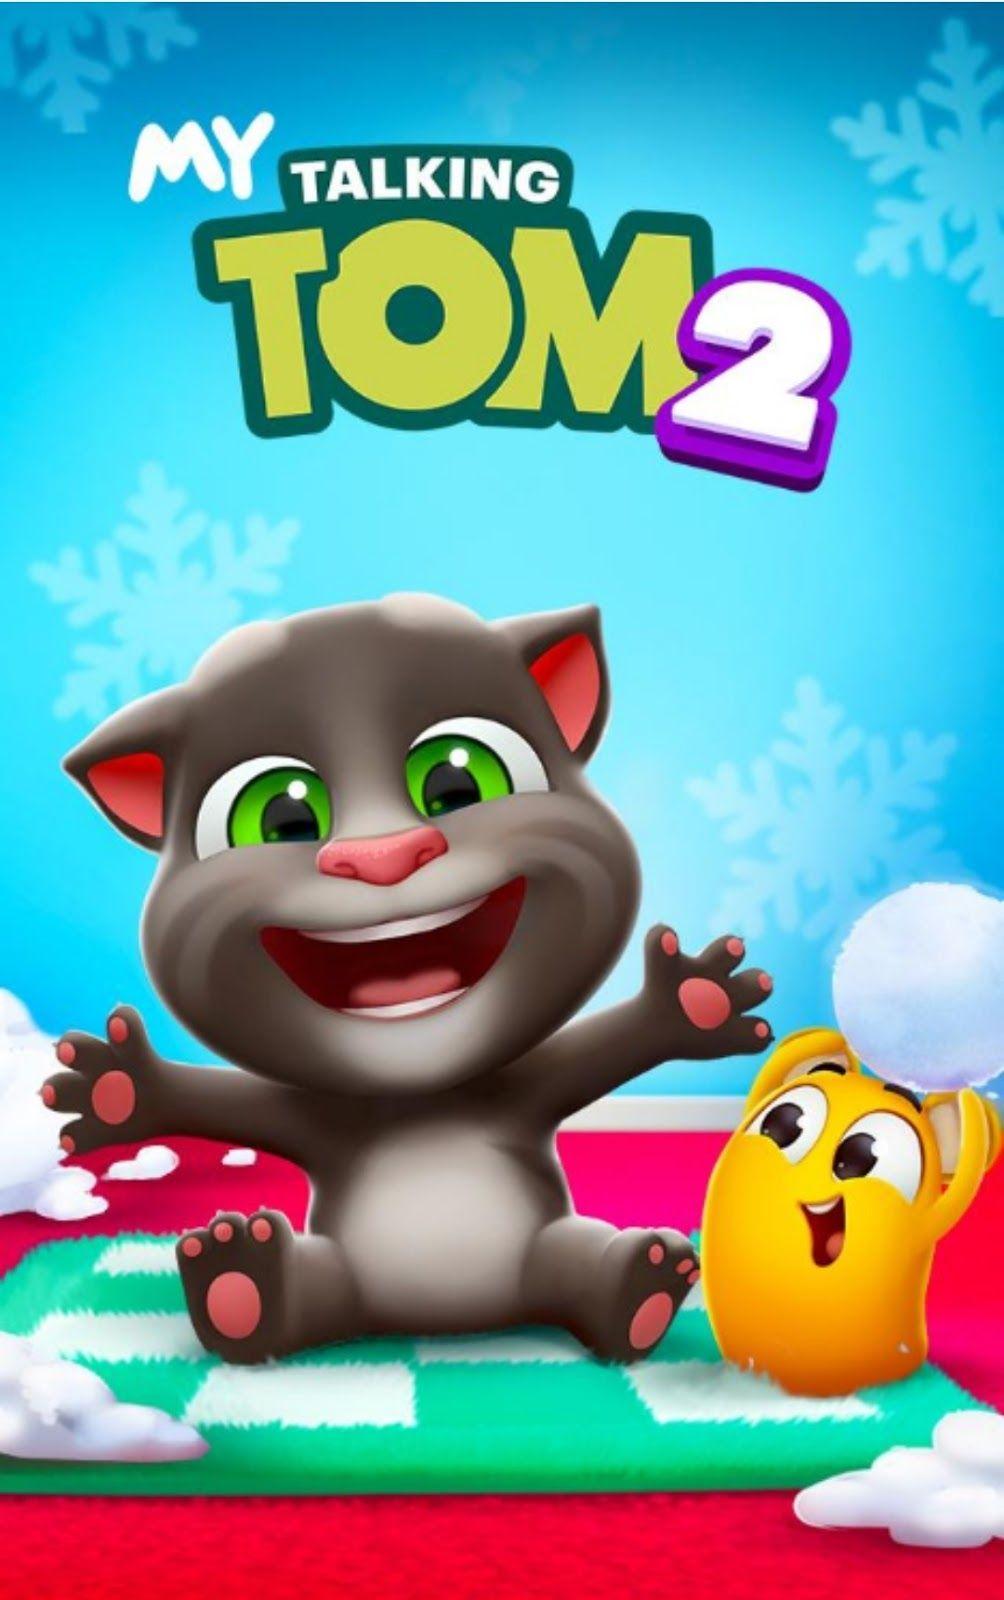 My Talking Tom 2 Juegos Divertidos Juegos De Rompecabezas Juegos Mas Populares